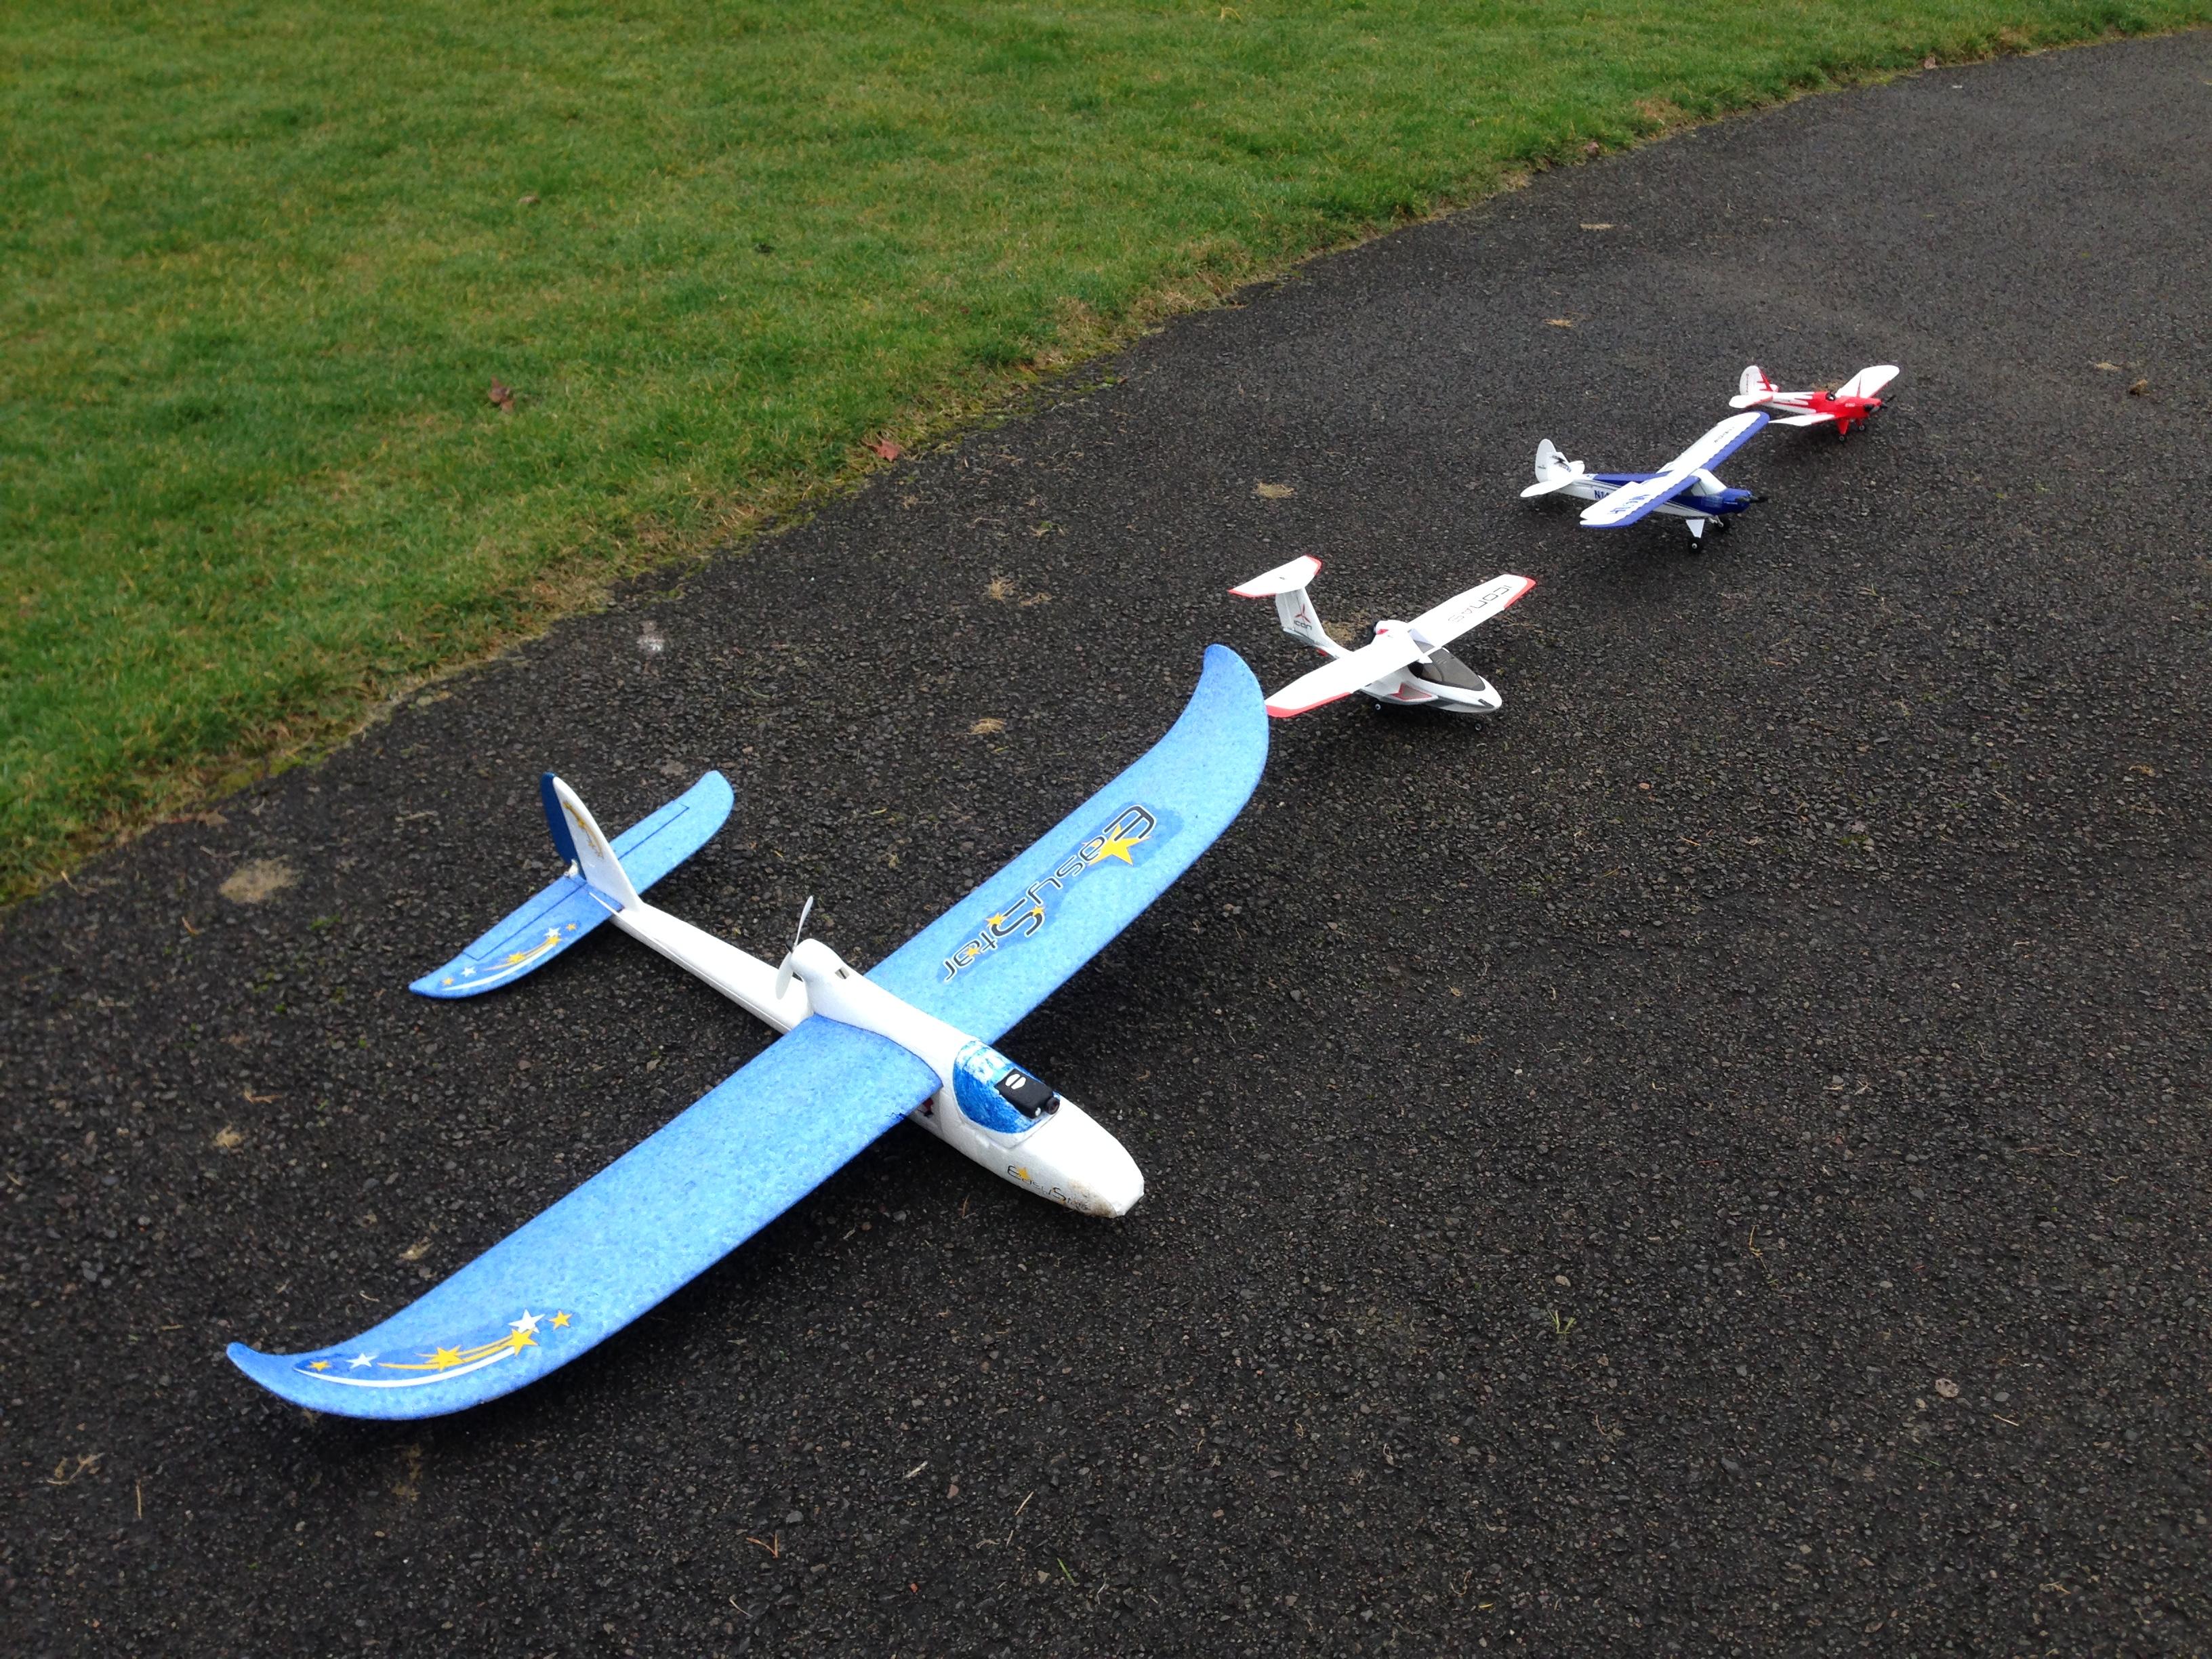 The Flick Air Fleet